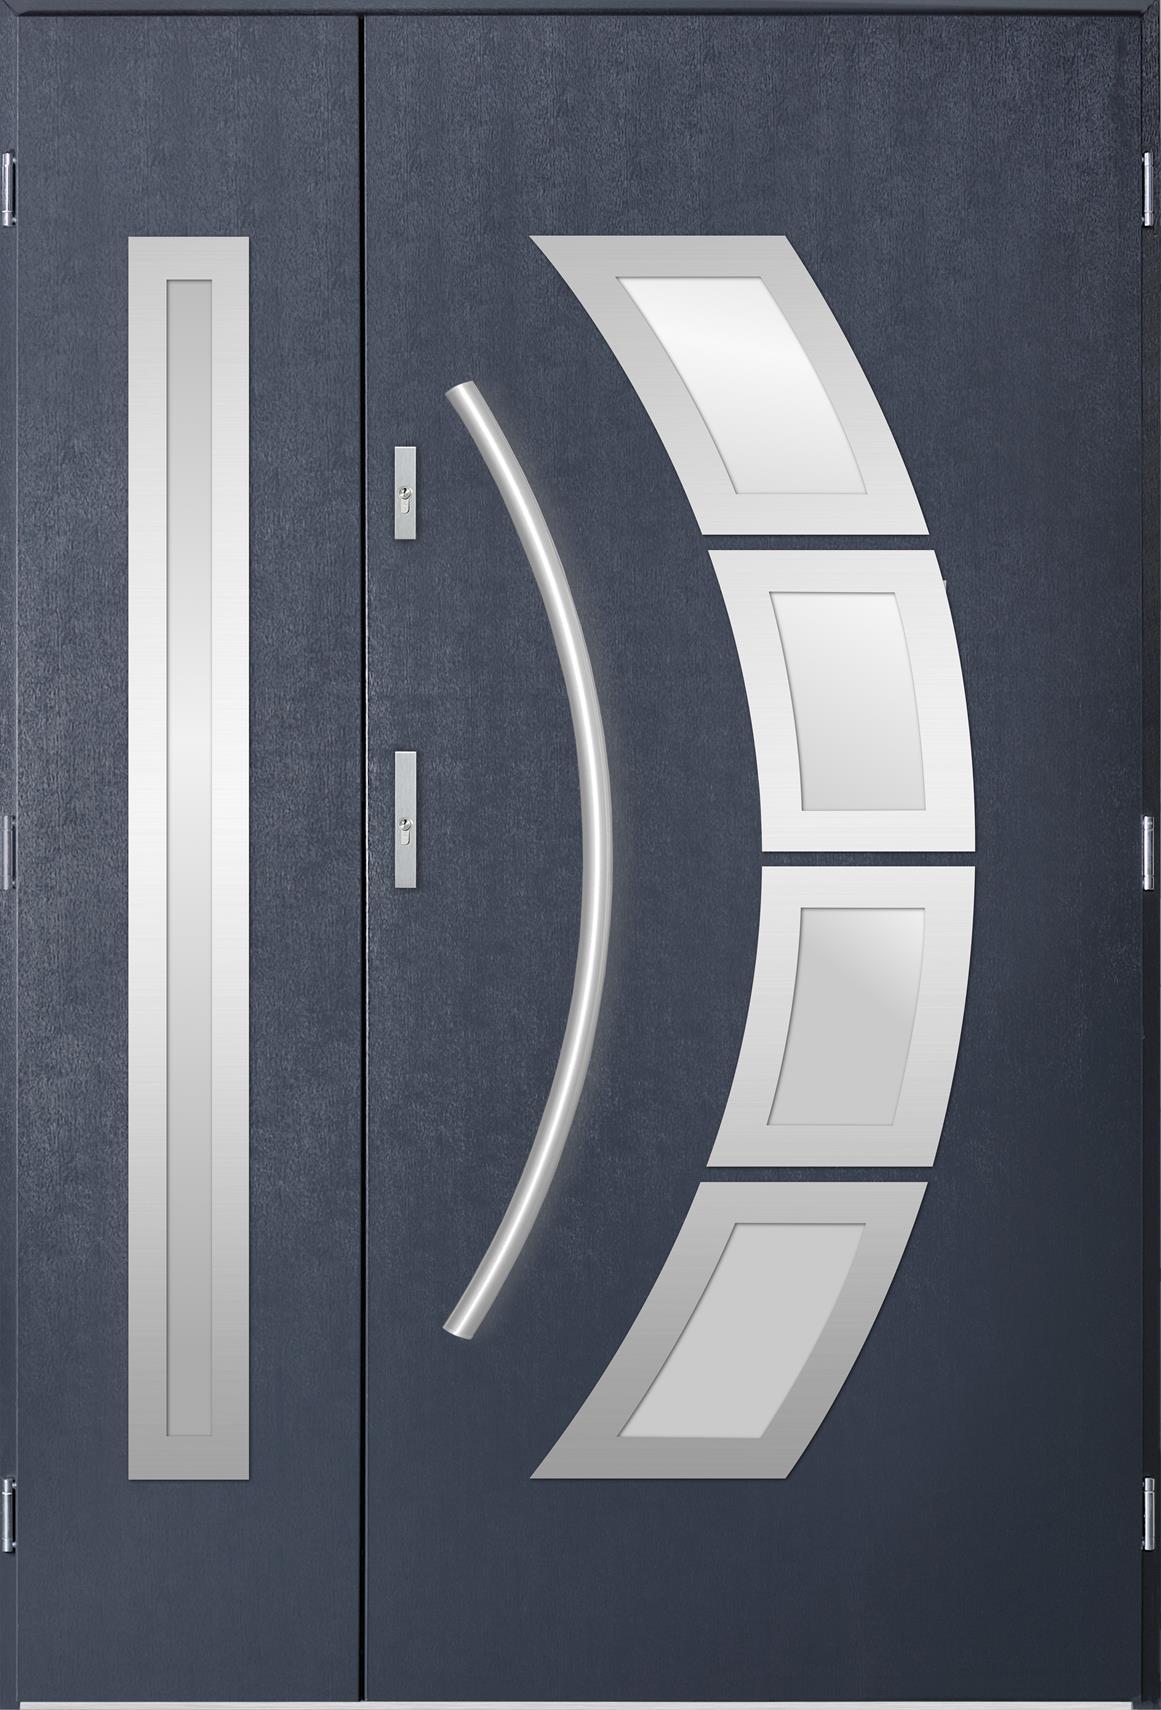 Dvoukøídlé ocelové vchodové dveøe Tanya, tmavý antracit